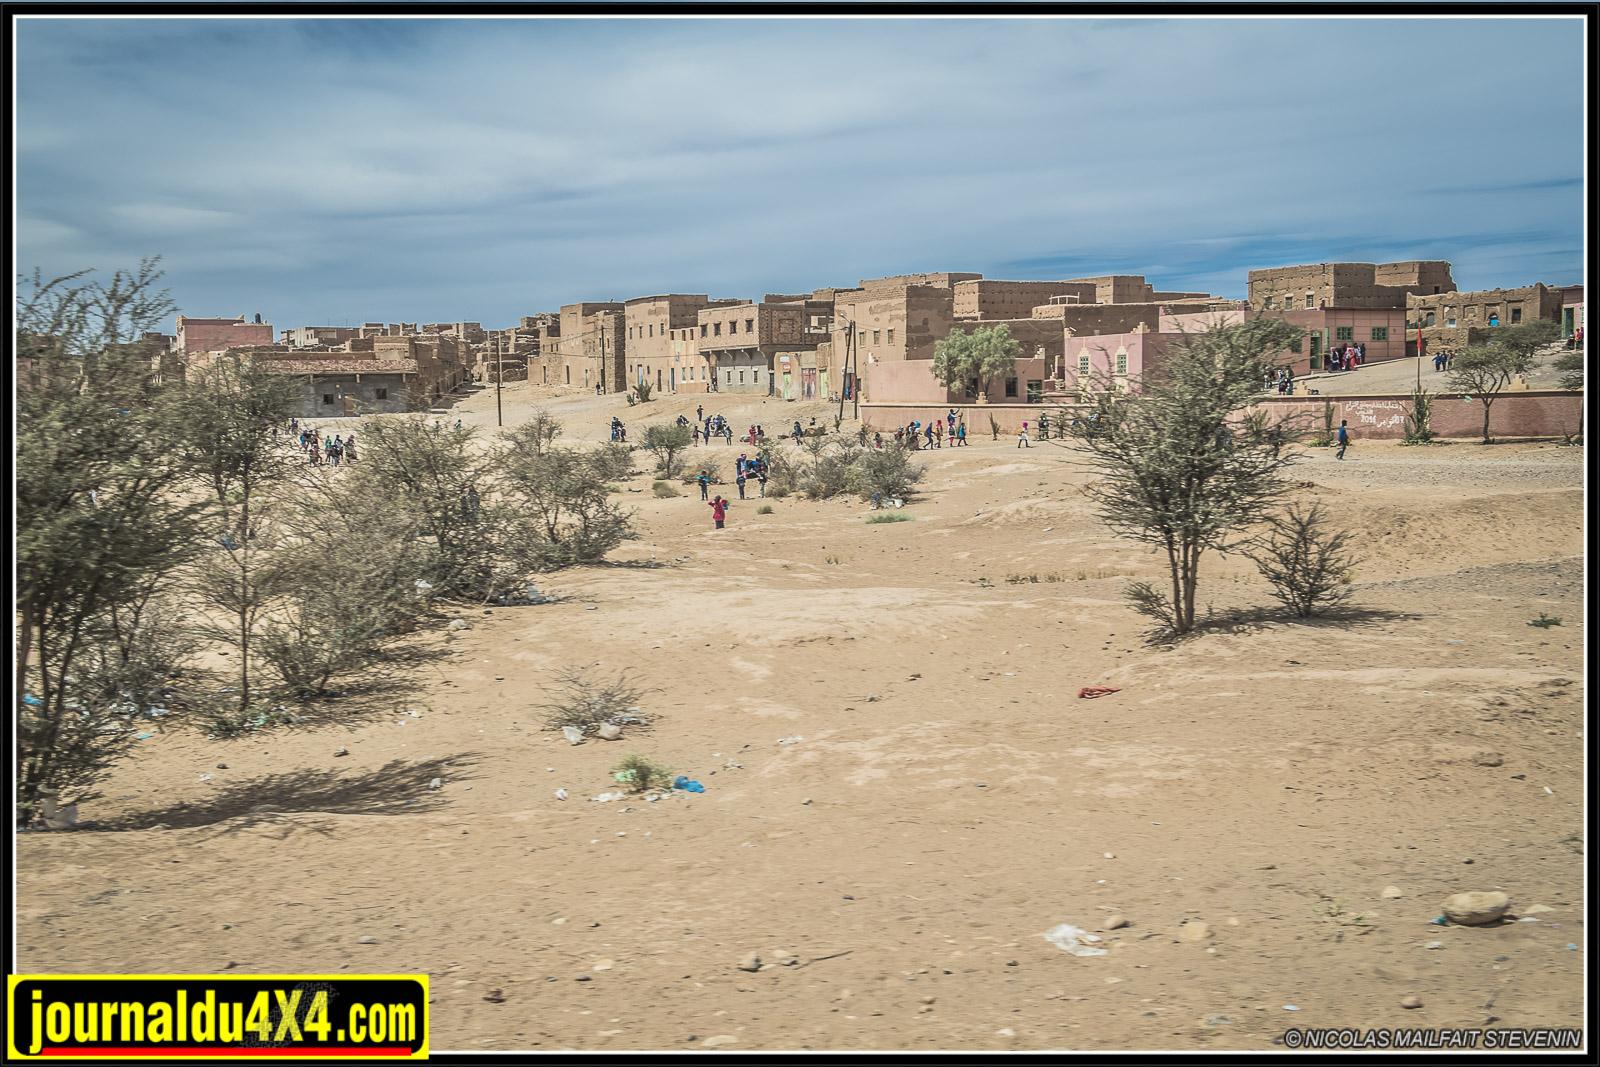 rallye-aicha-gazelles-maroc-2017-6747.jpg